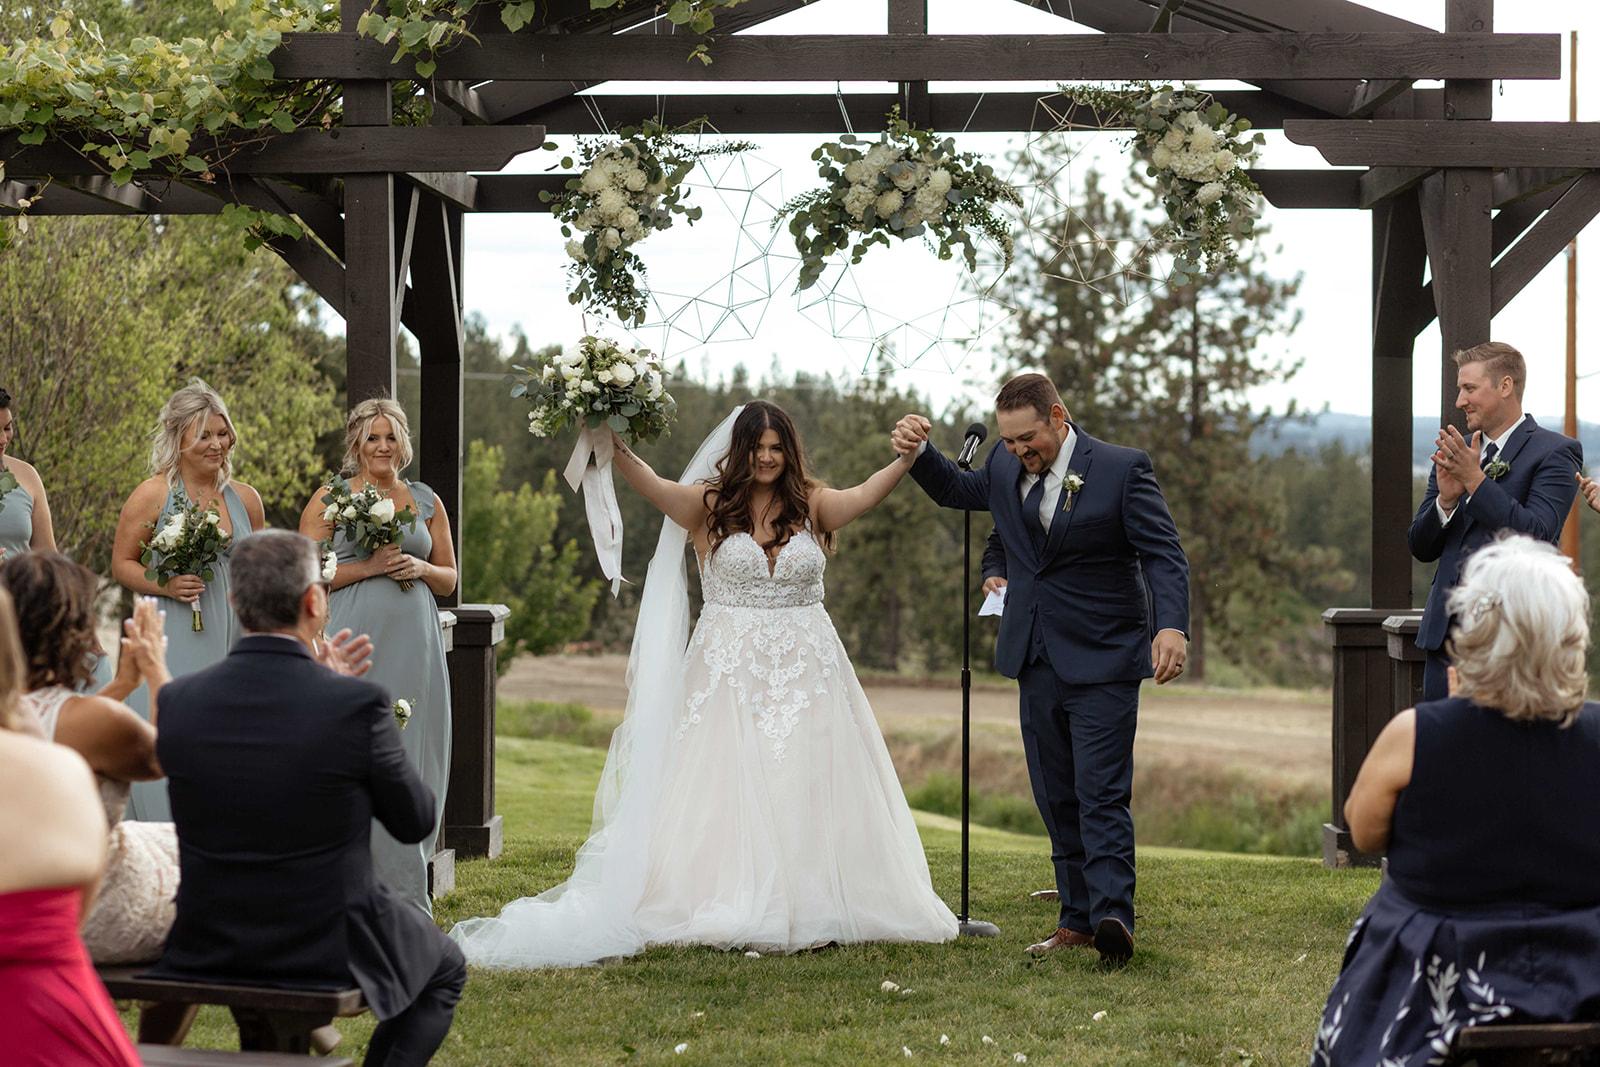 beacon hill wedding honest in ivory dress spokane married